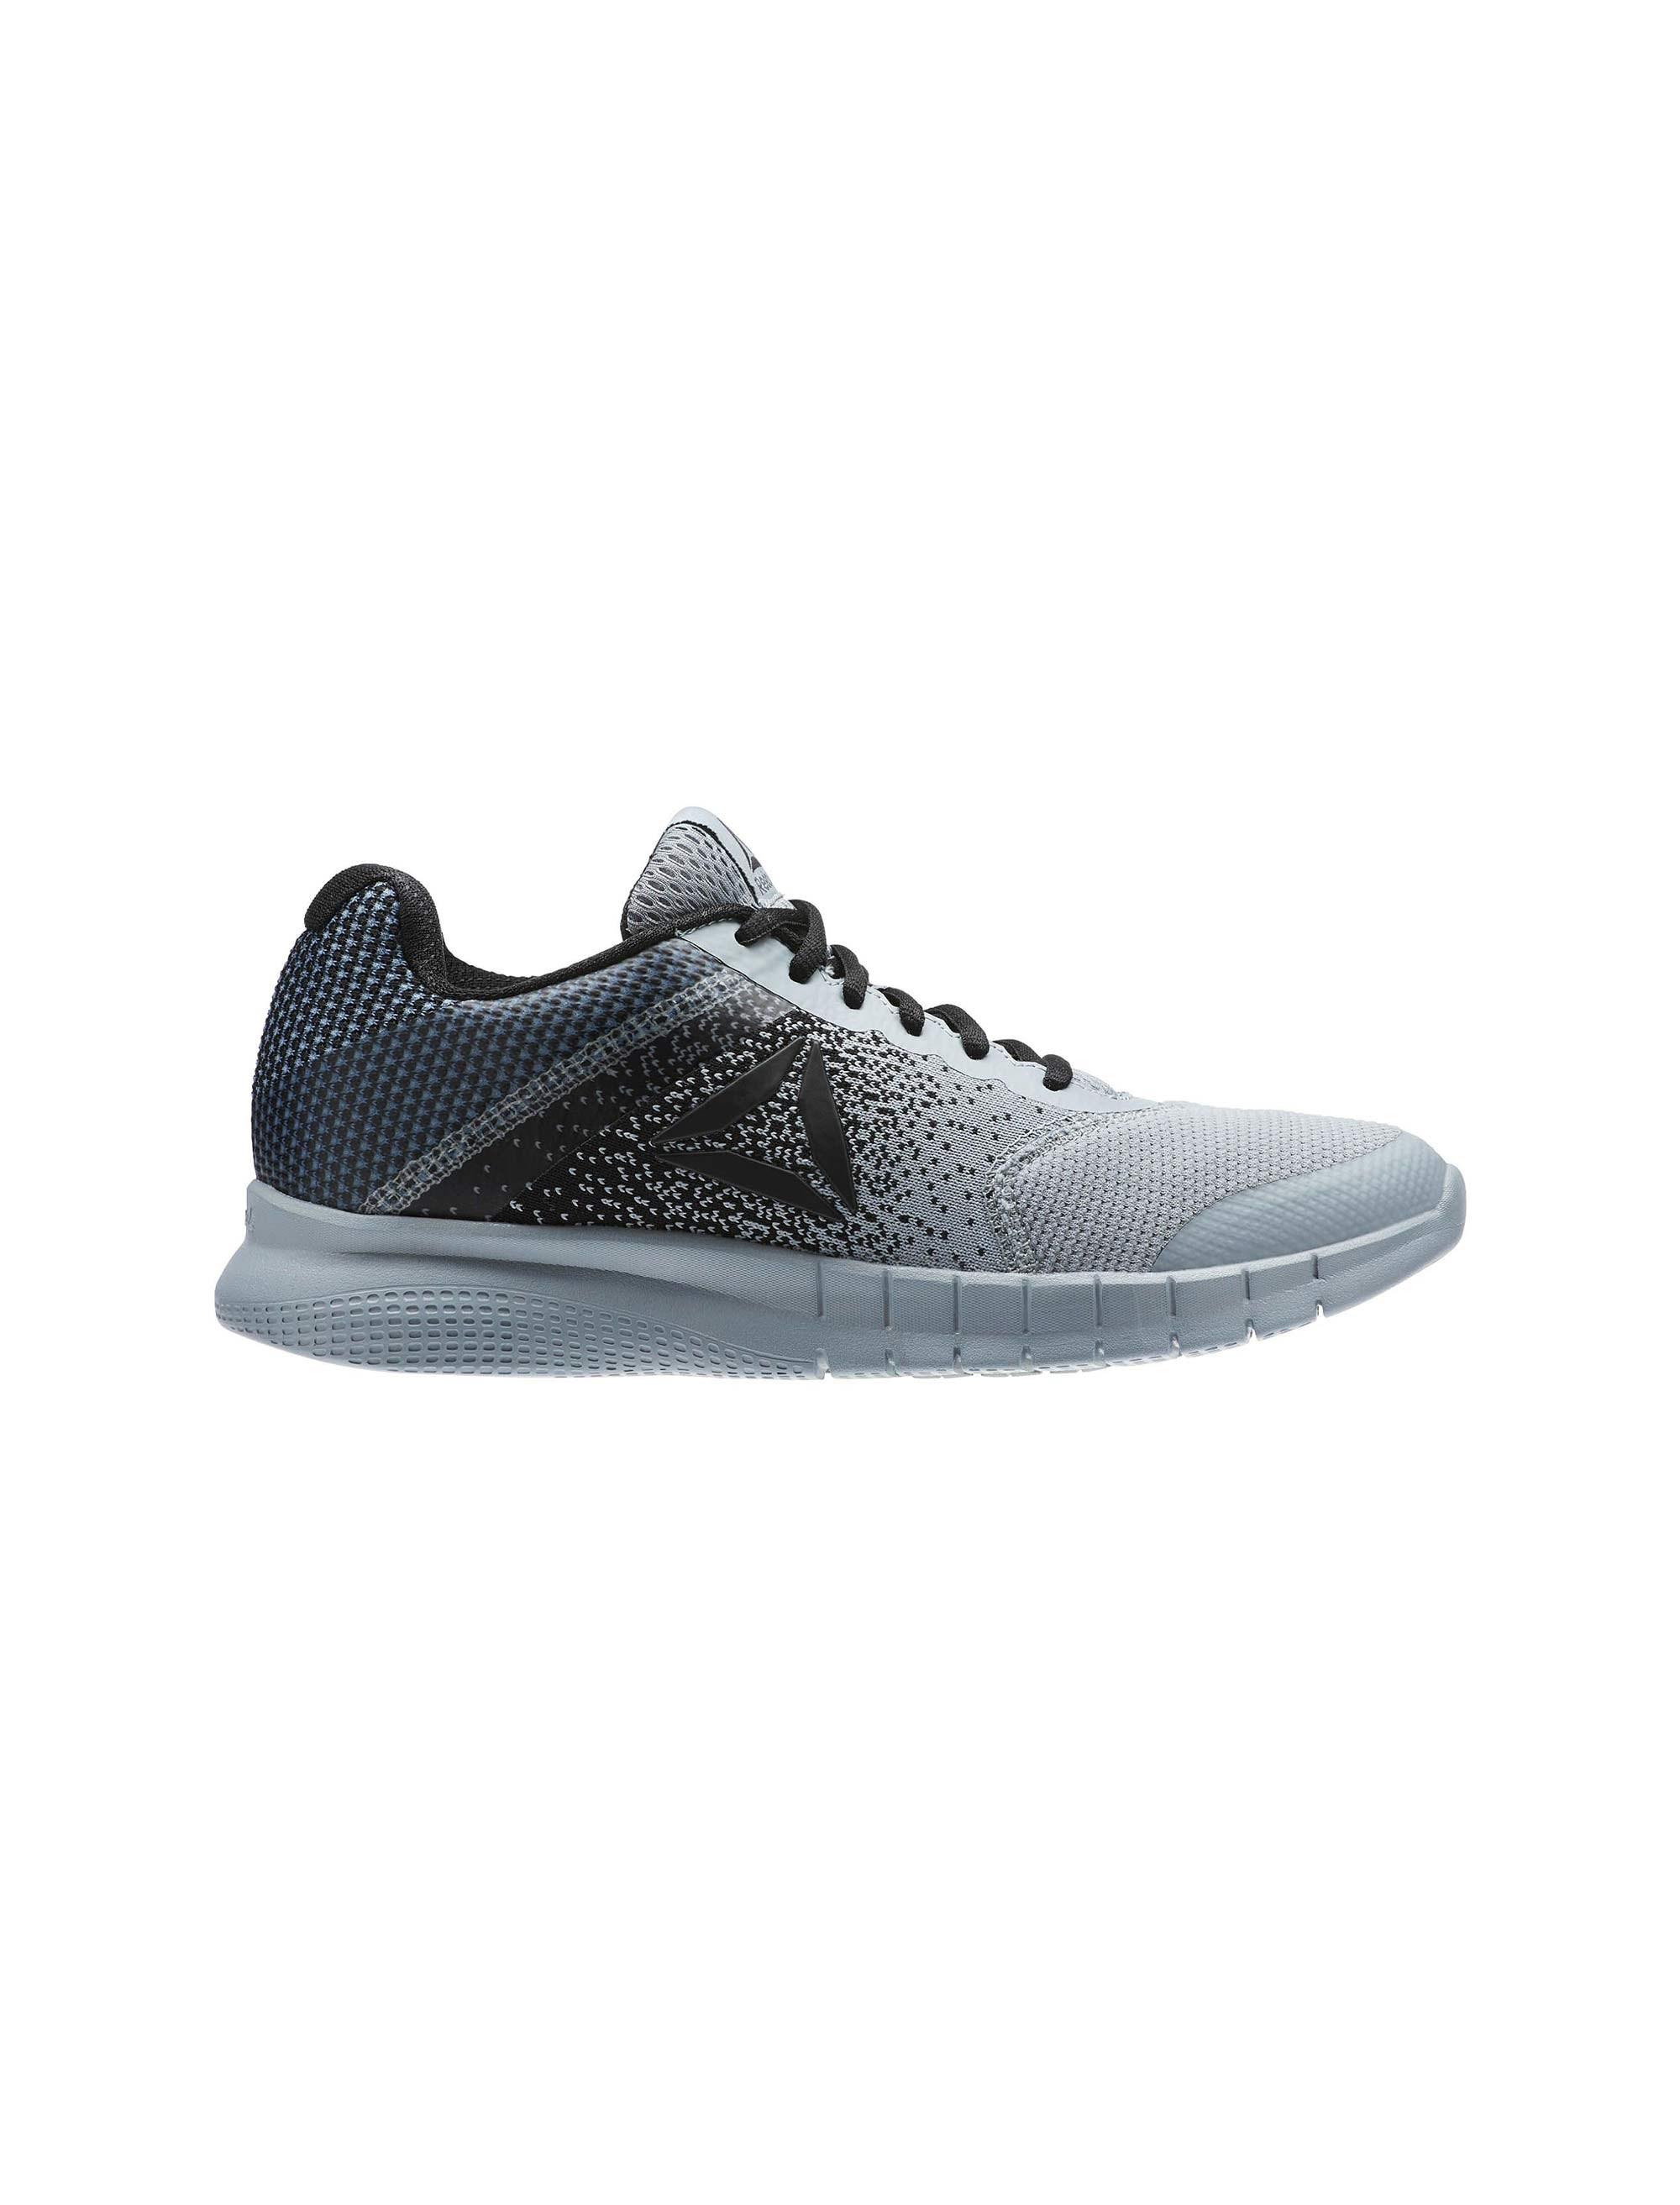 قیمت کفش دویدن بندی مردانه Instalite Run - ریباک